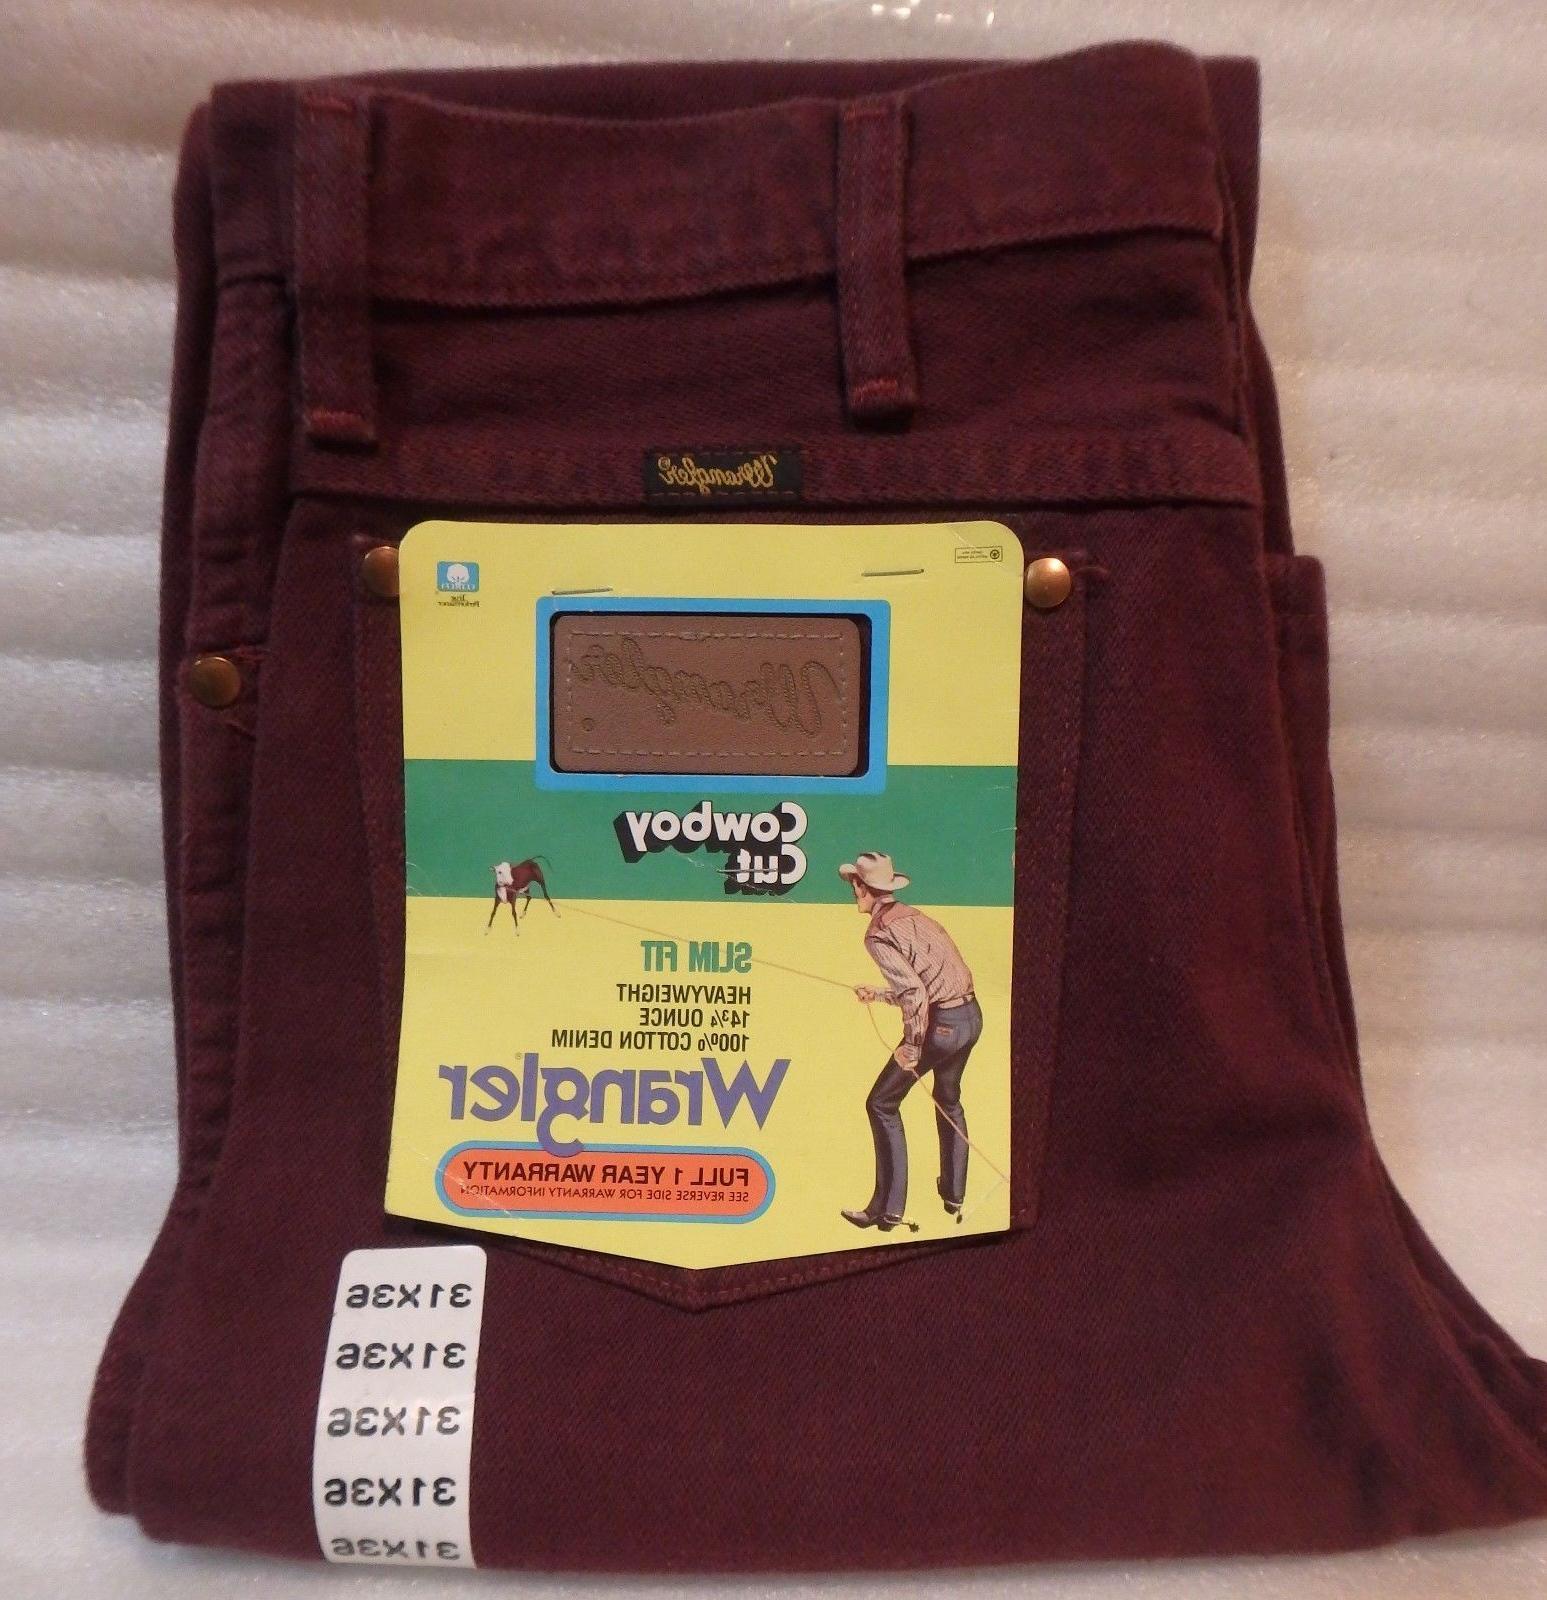 Wrangler Cowboy Cut Pre-Shrunk Slim Fit Jeans/ Wine  Color /